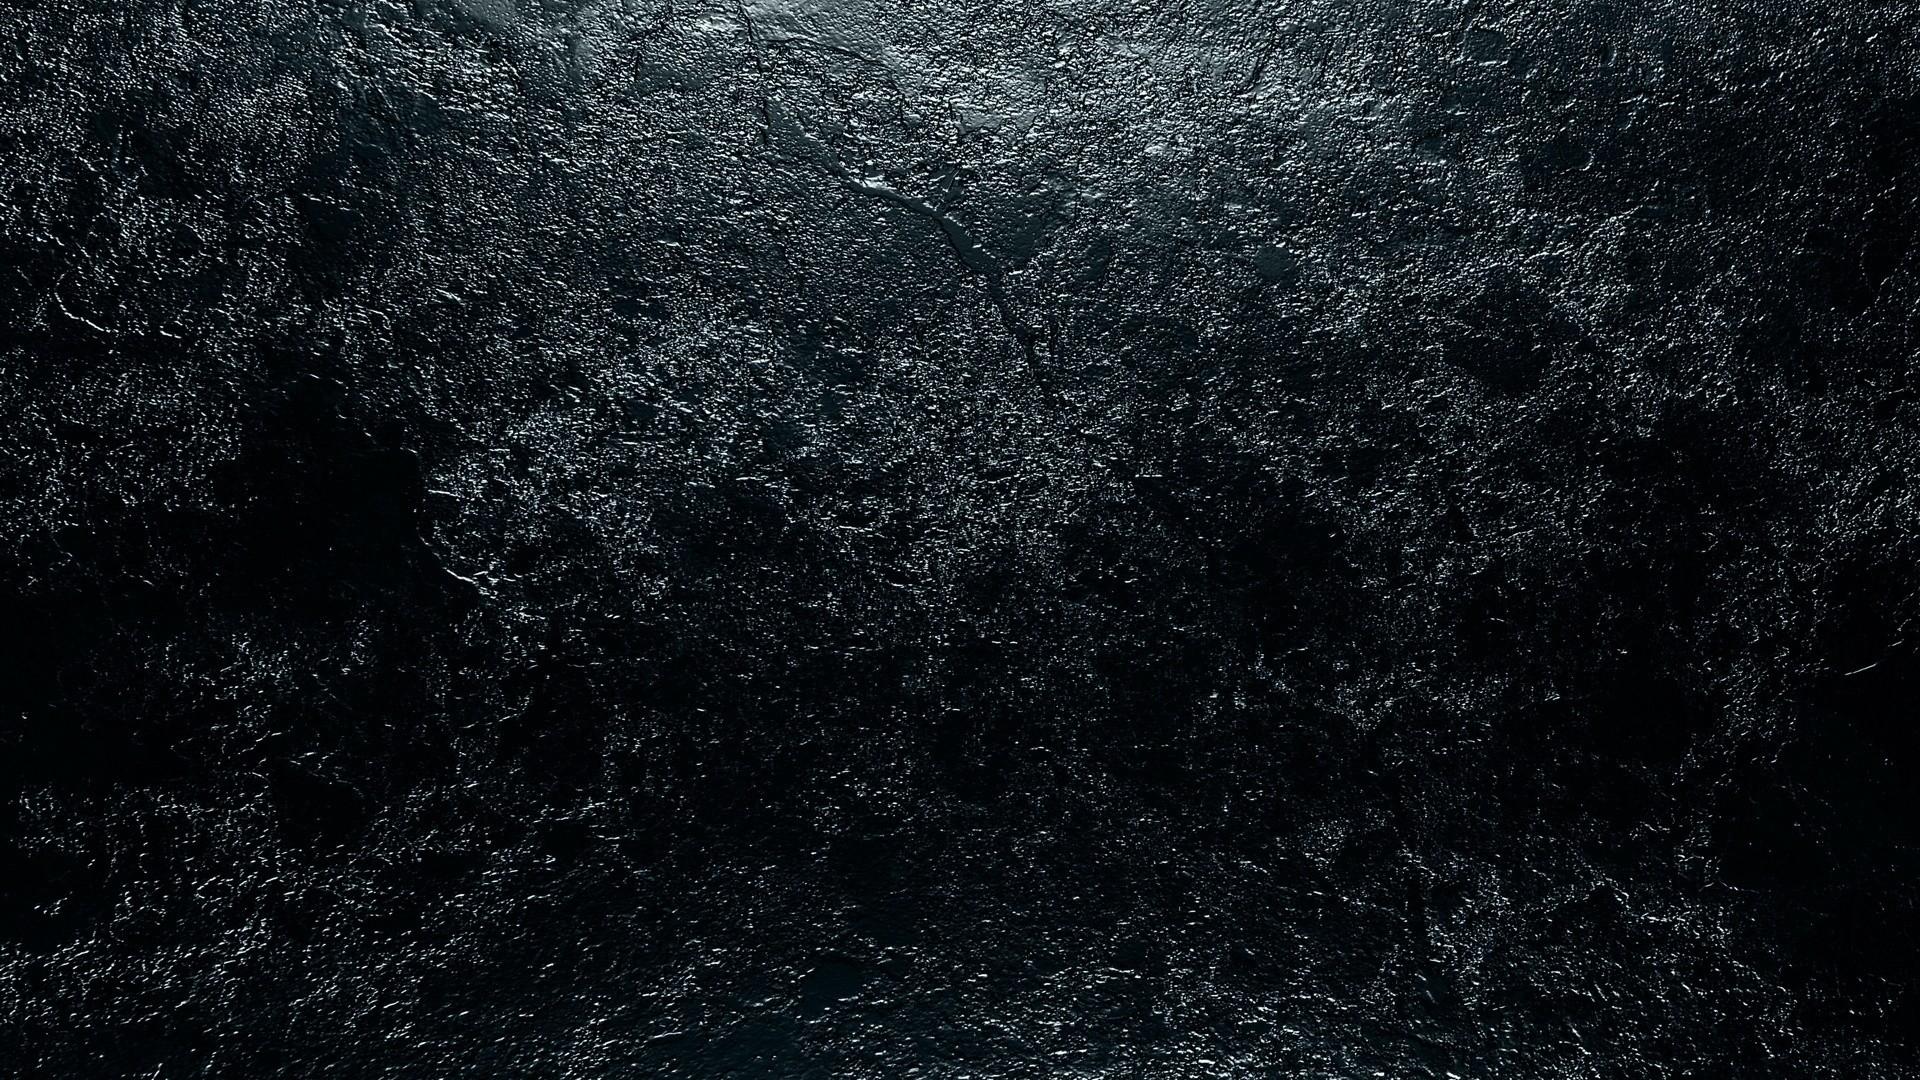 Sfondi scuri hd 85 immagini for Sfondi hd s4